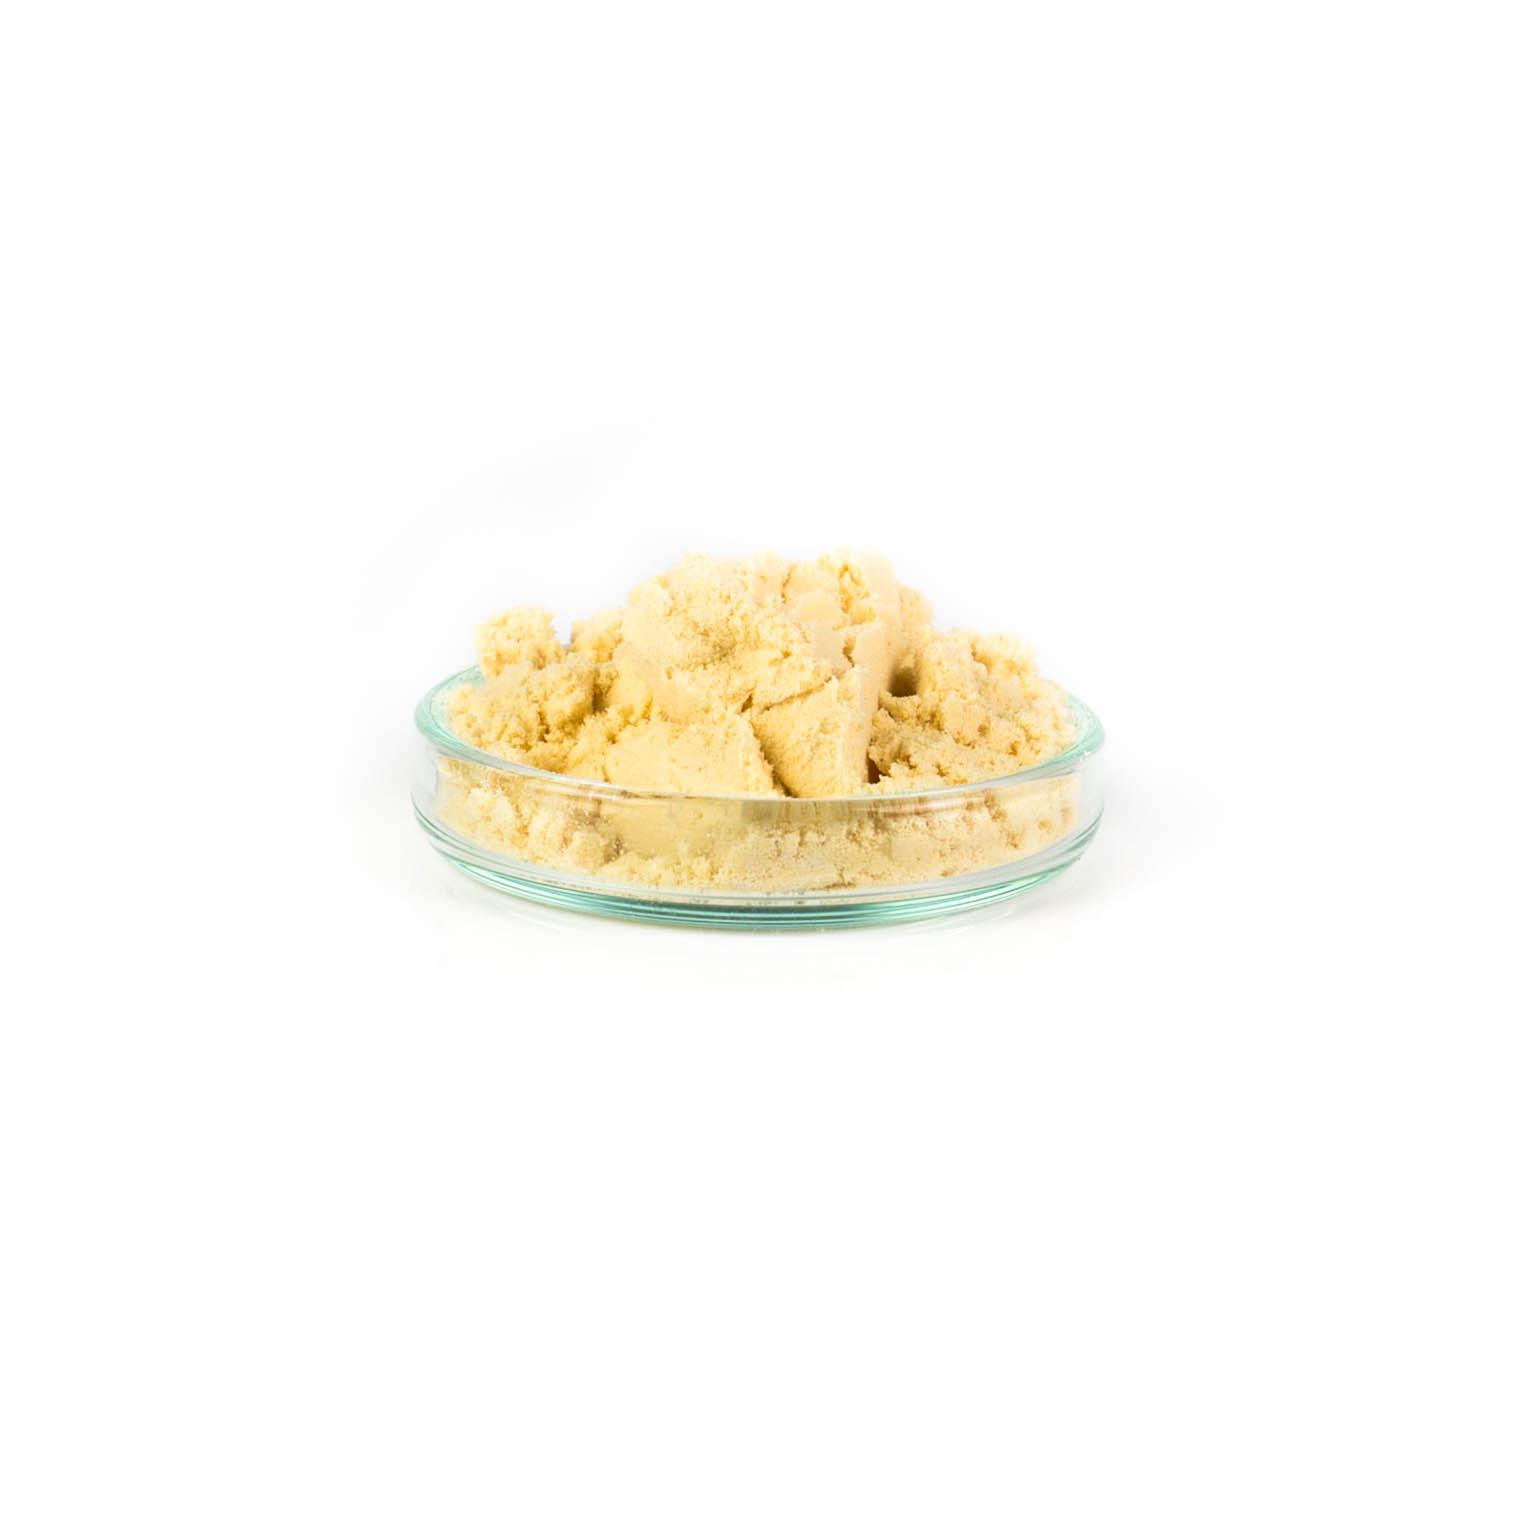 Mléčné proteiny 250g - Sušená vejce